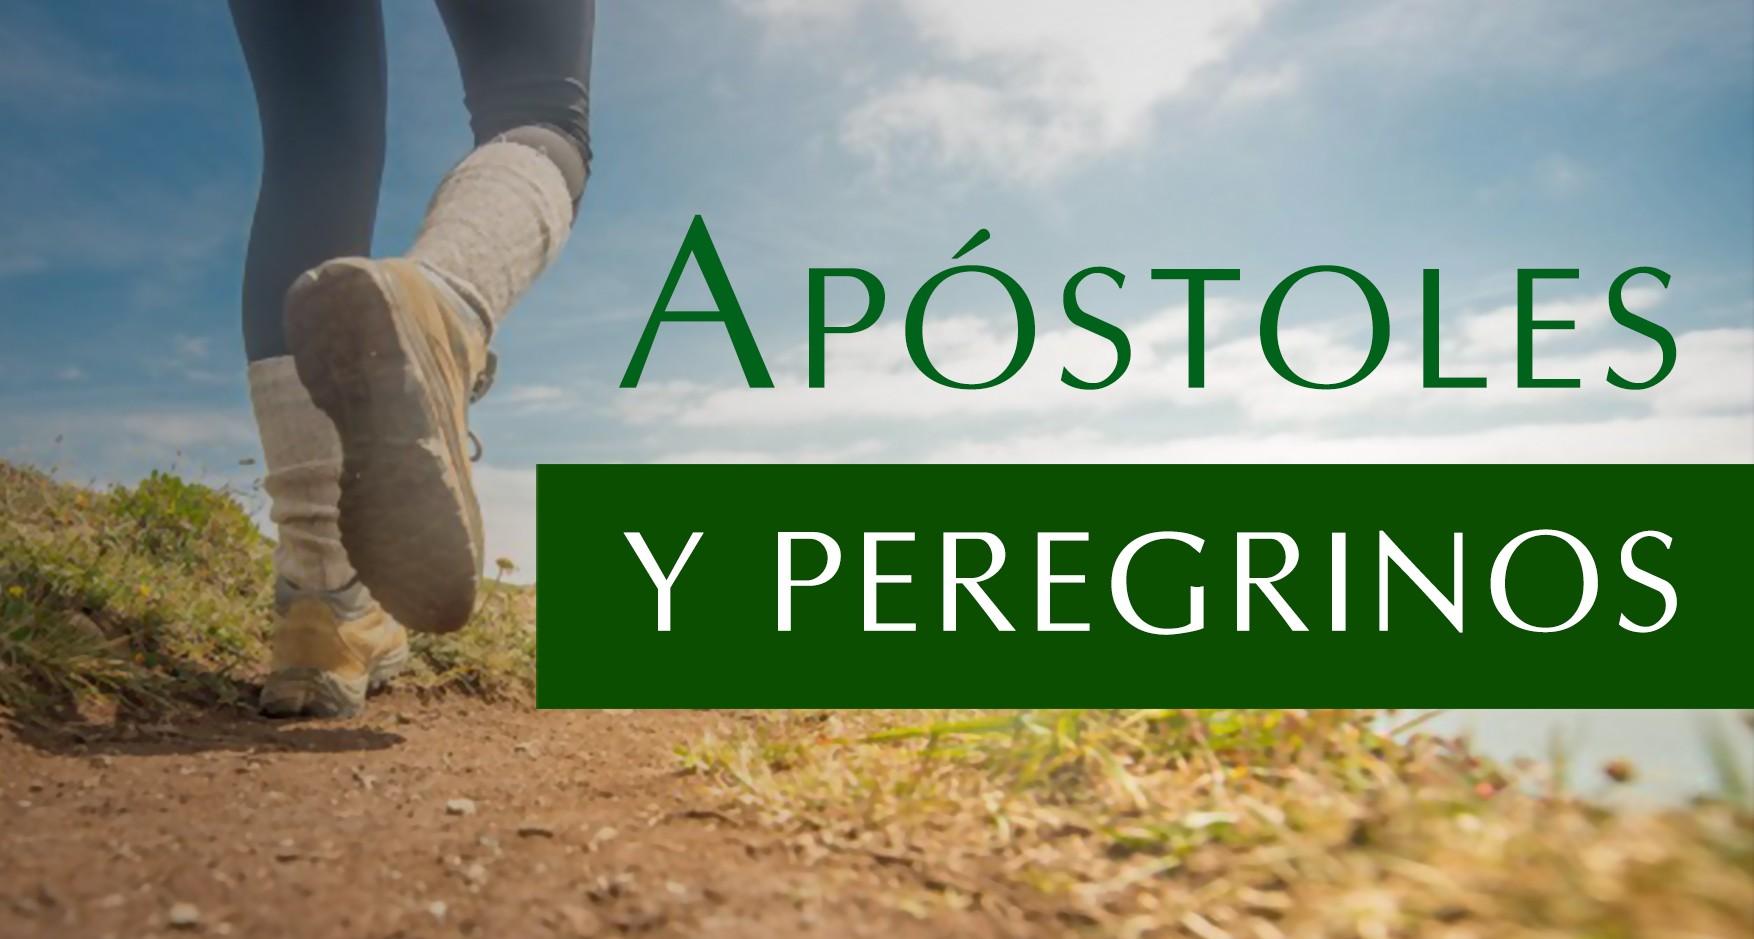 Apóstoles y peregrinos